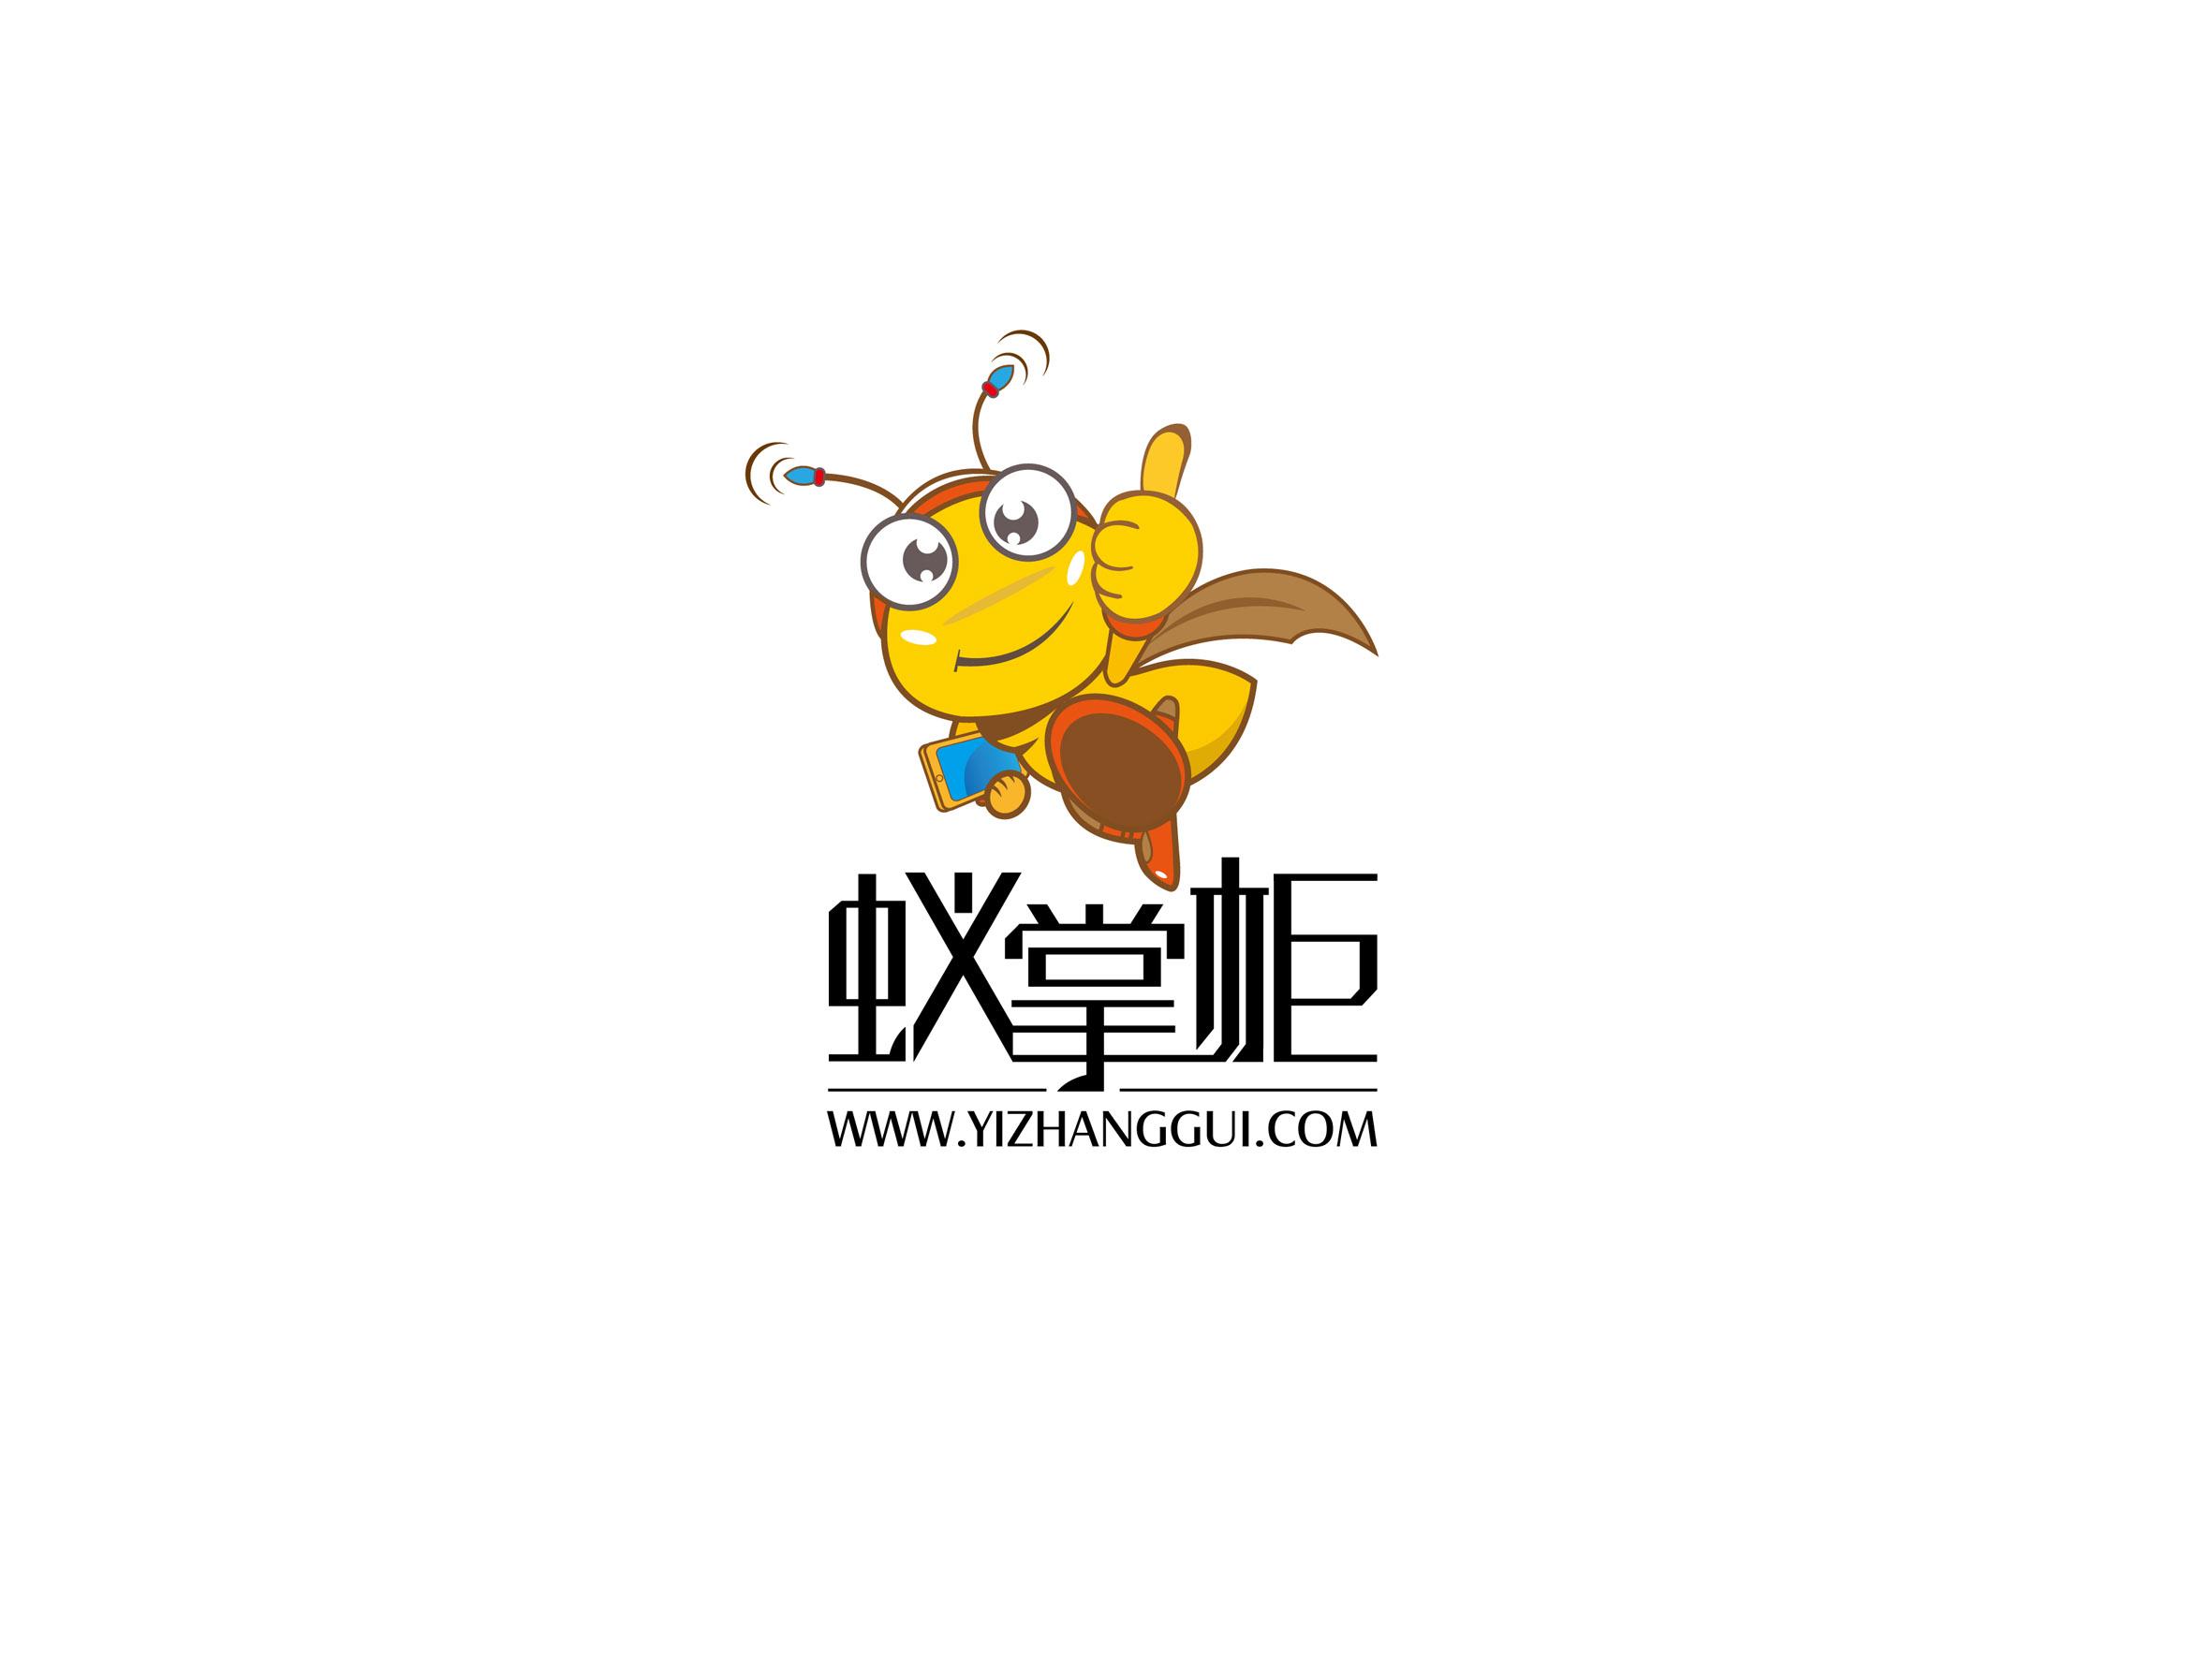 【餐饮科技咖啡店logo设计】小微企业版